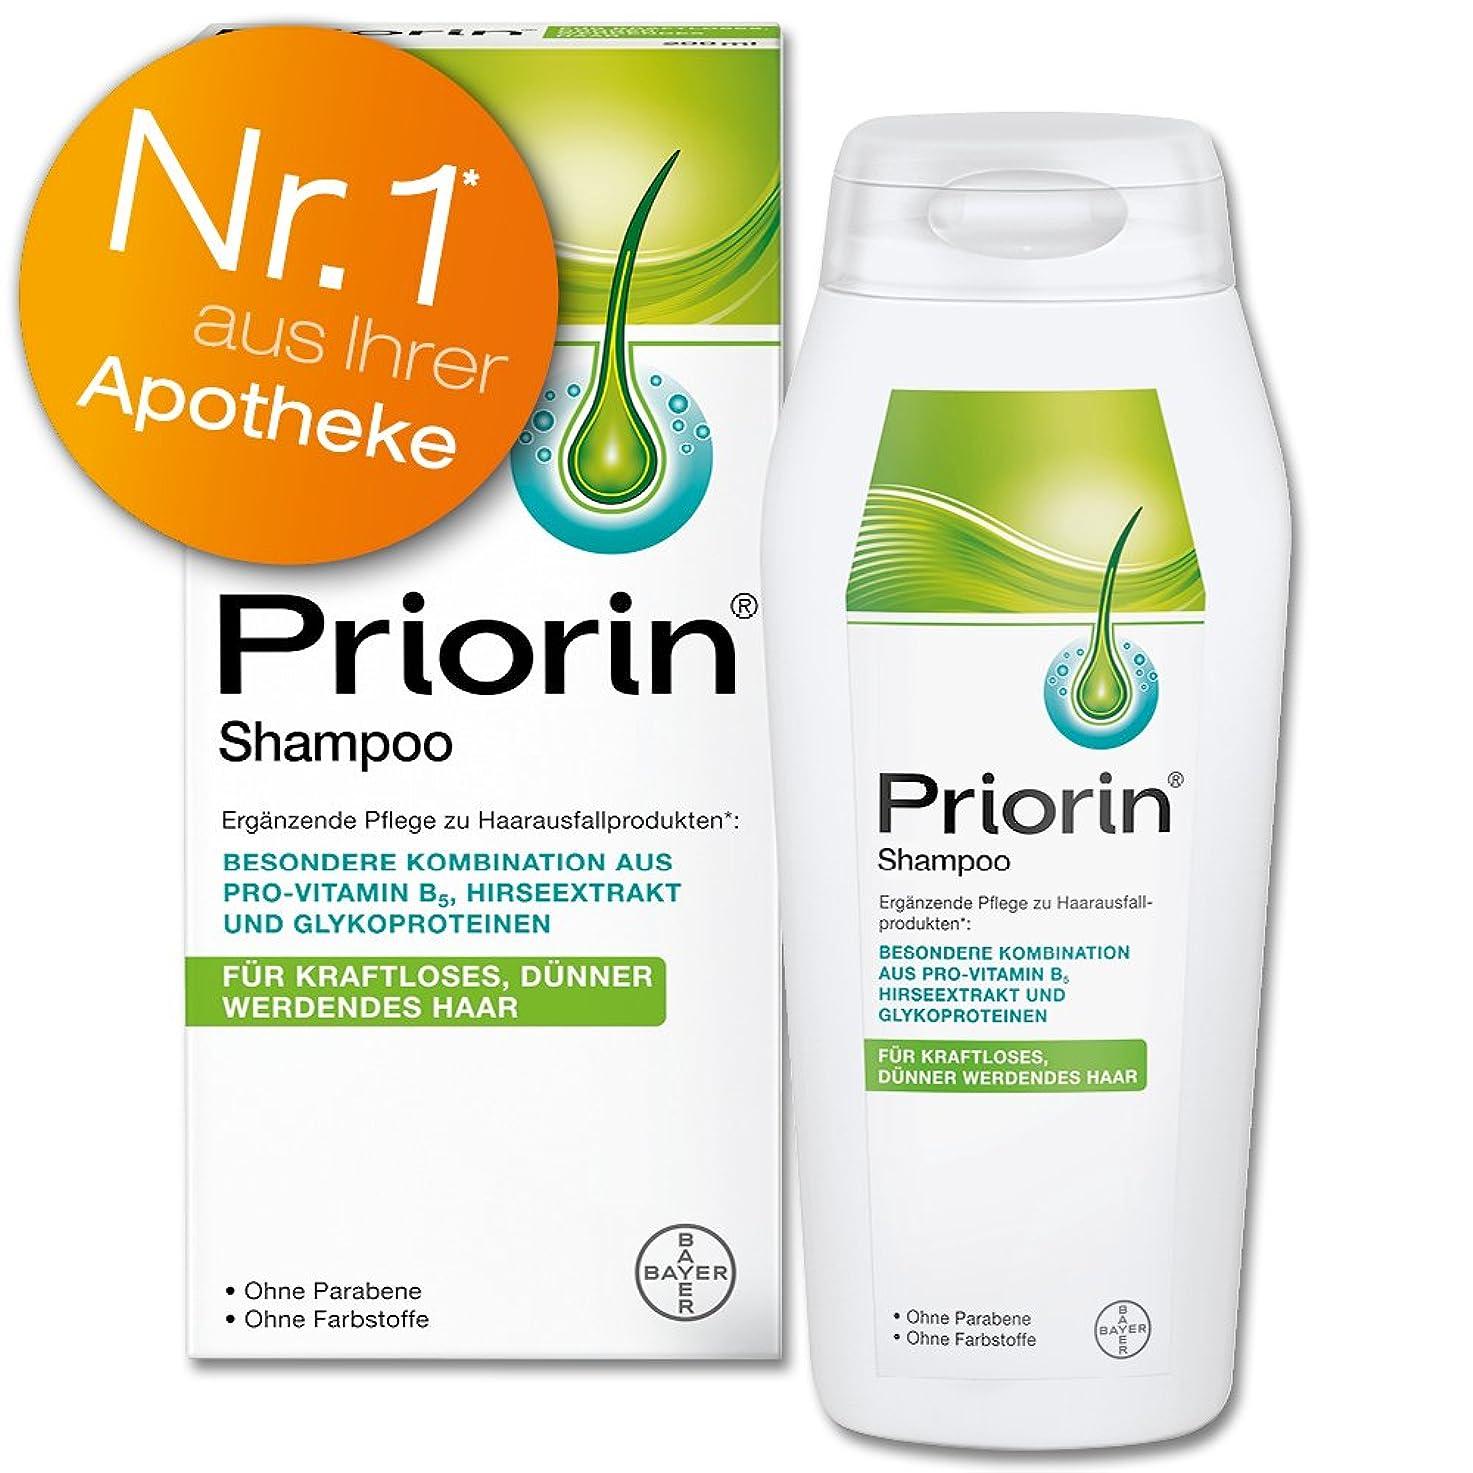 スペクトラム委託ディレイPriorin Anti Hair Loss Revitalising Shampoo - with Natural Herbal Millet Extract & Provitamin B5 - 200 ml by Priorin